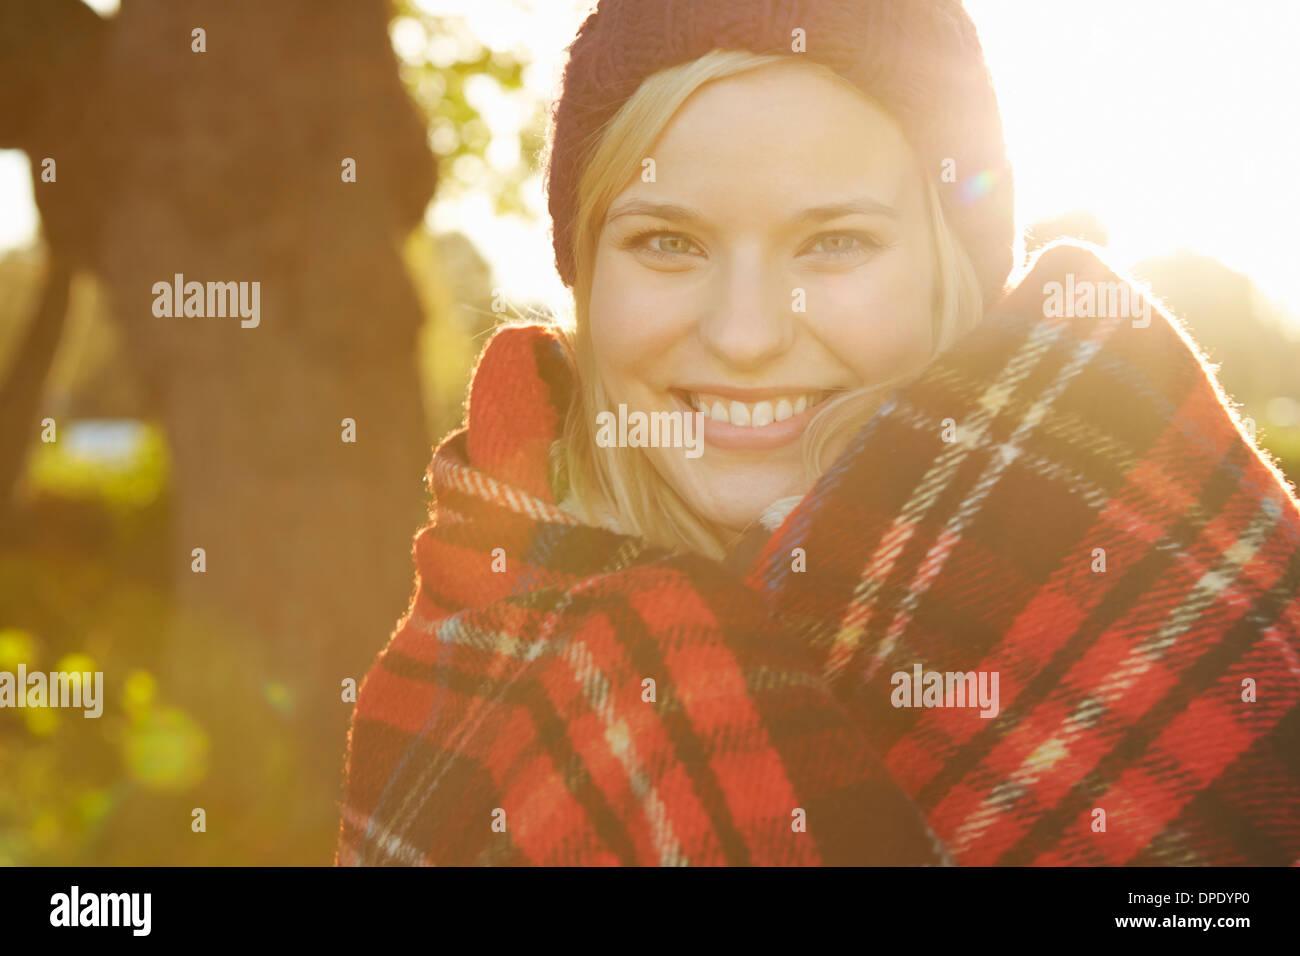 Retrato de mujer joven en el parque, tartan picnic manta alrededor de los hombros Imagen De Stock